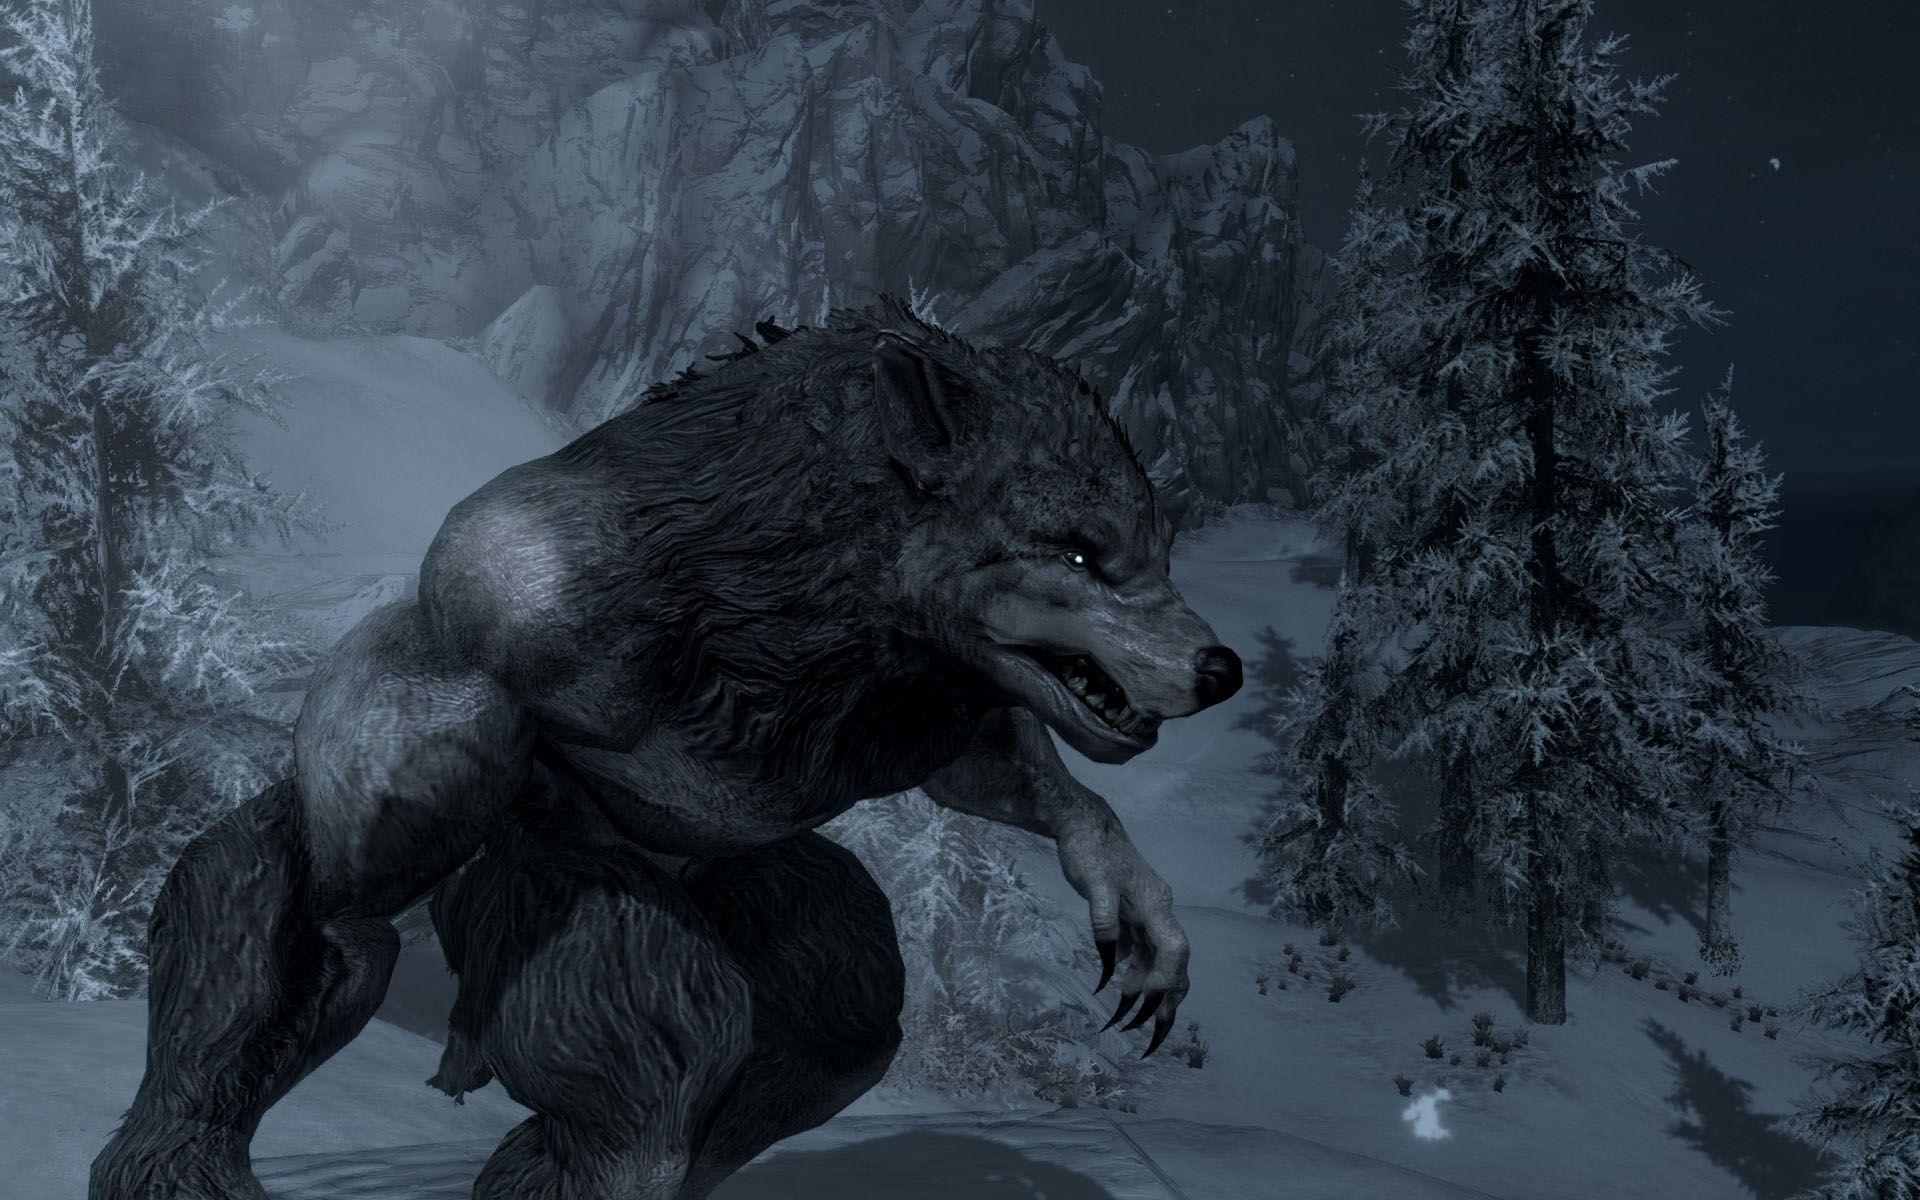 Skyrim Werewolf Mysterious Werewolf Skyrim Werewolf Wolf Knight